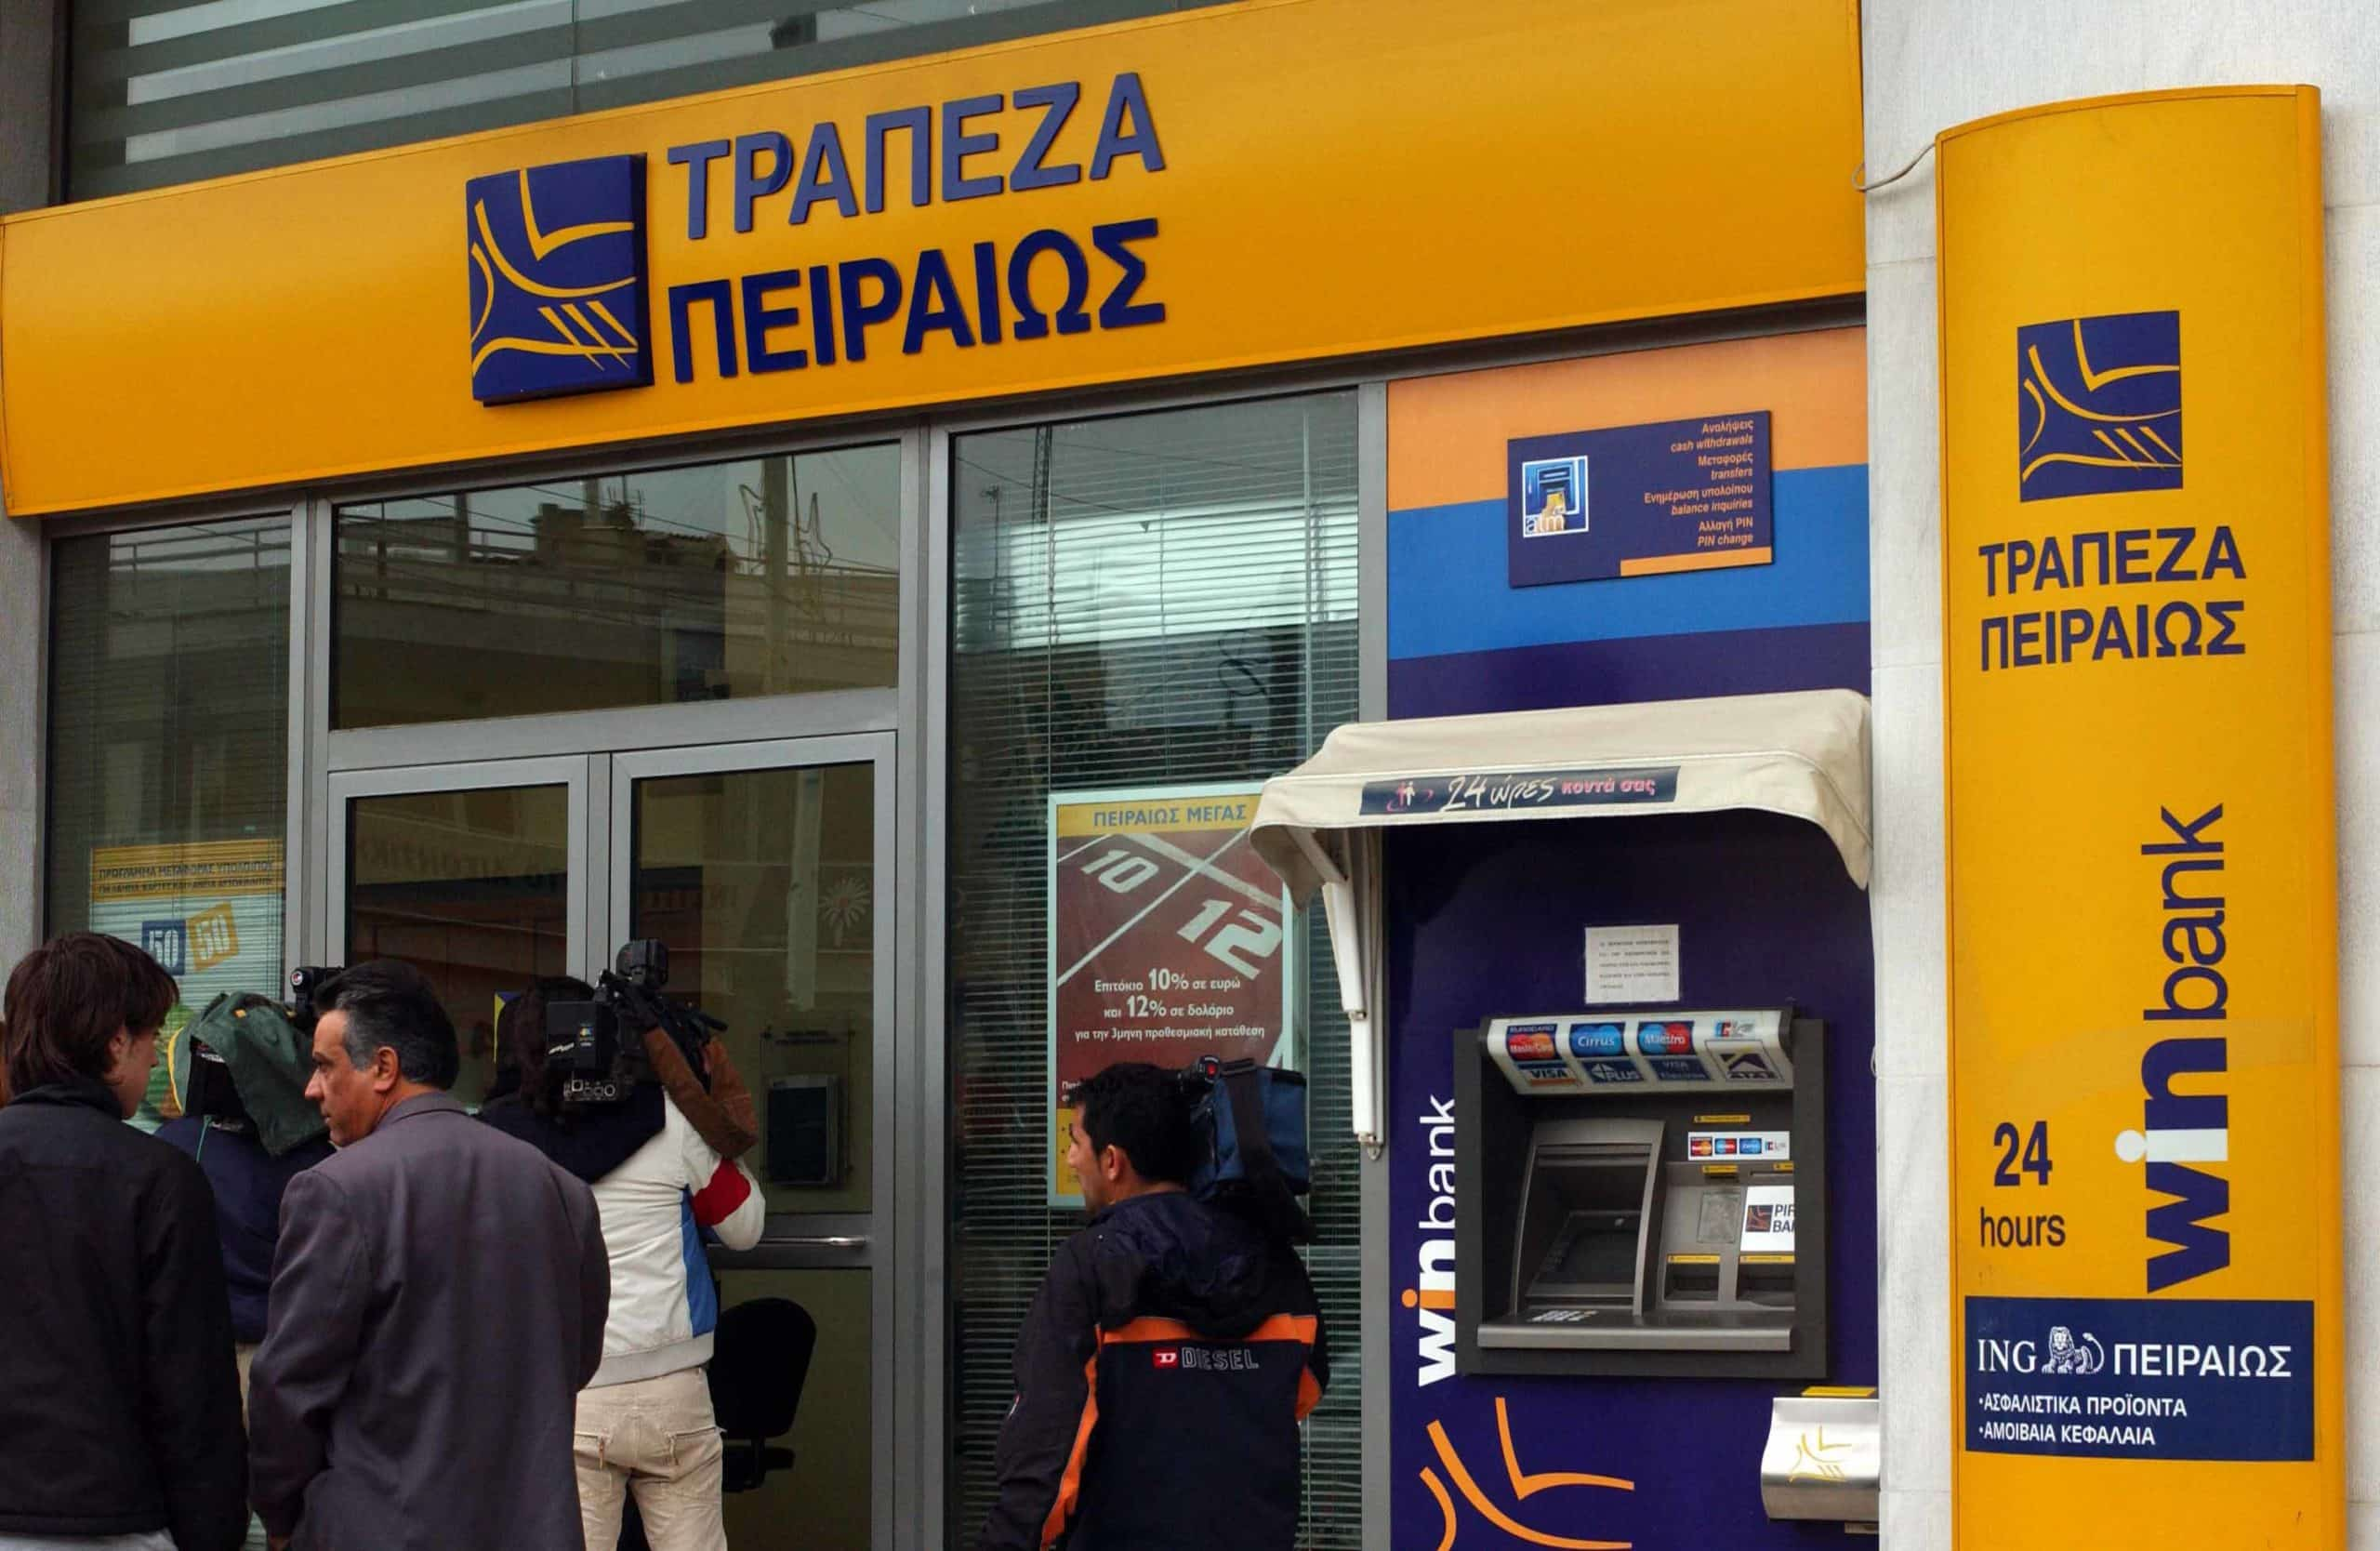 Τράπεζα Πειραιώς και σύμβαση με ΥΠΕΘΑ Τι συμβαίνει Απεργία τραπεζών 11 Δεκεμβρίου κήρυξε η ΟΤΟΕ